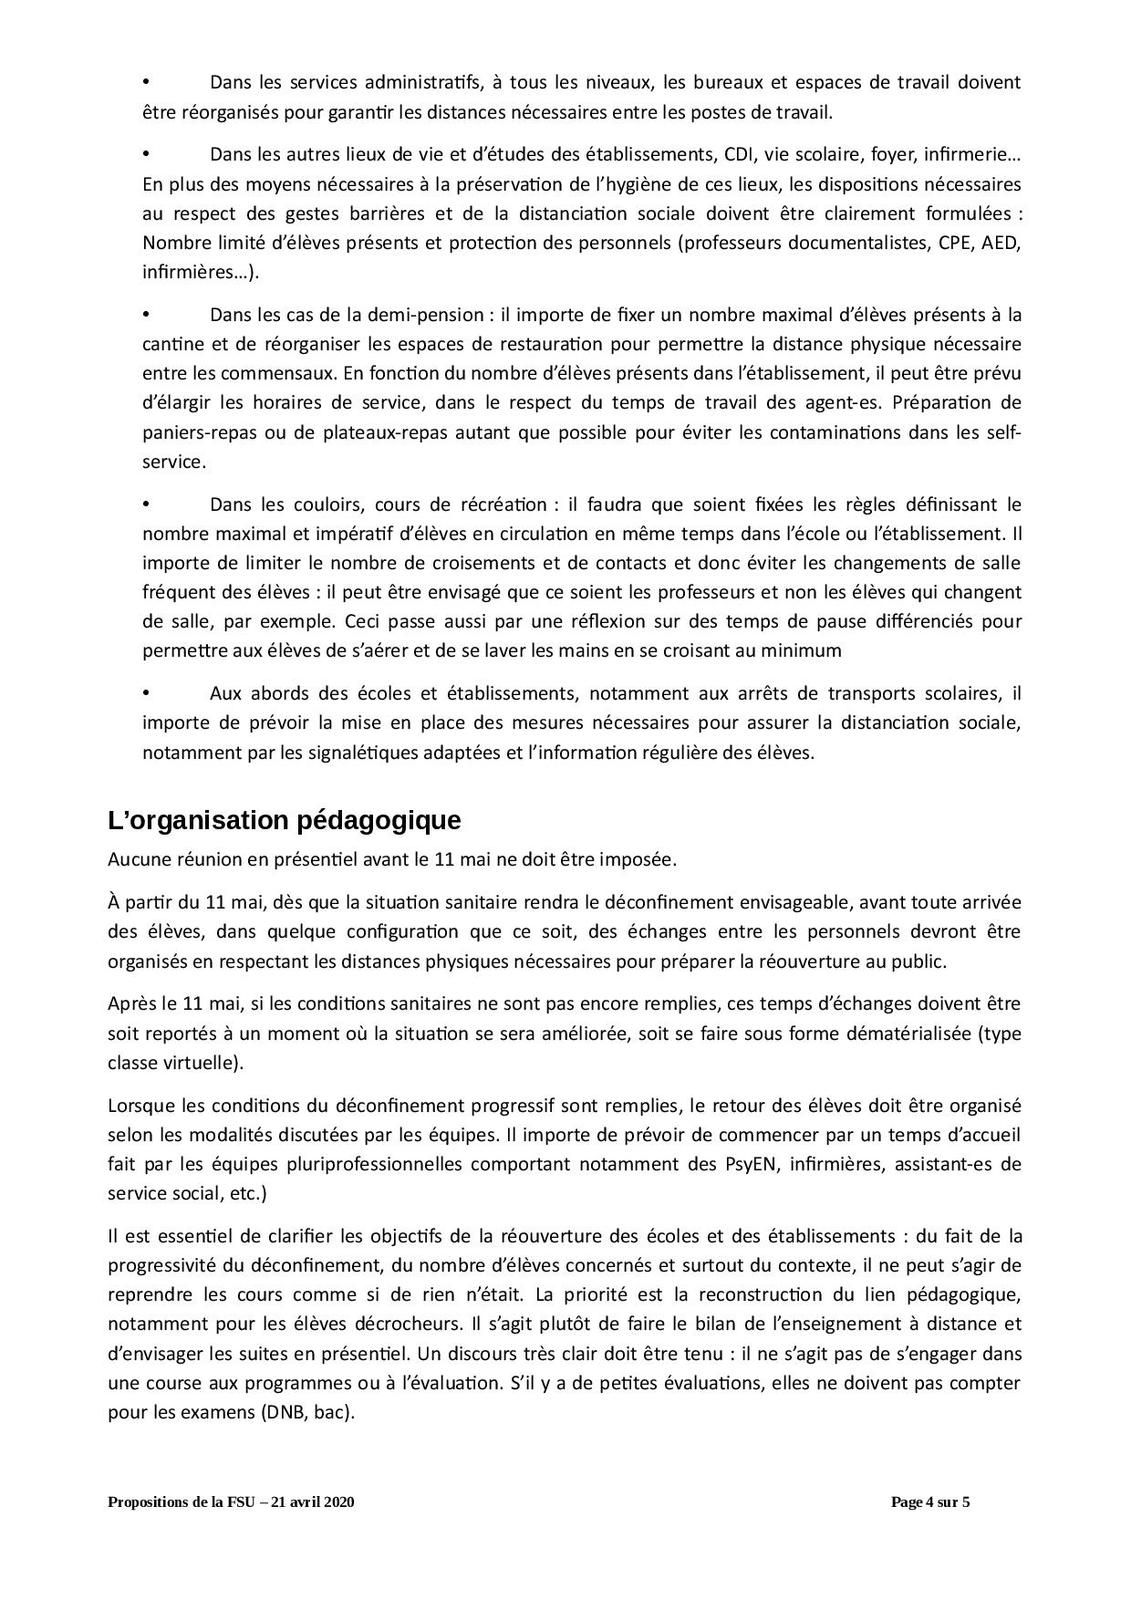 Propositions et remarques de la FSU sur la sortie du confinement